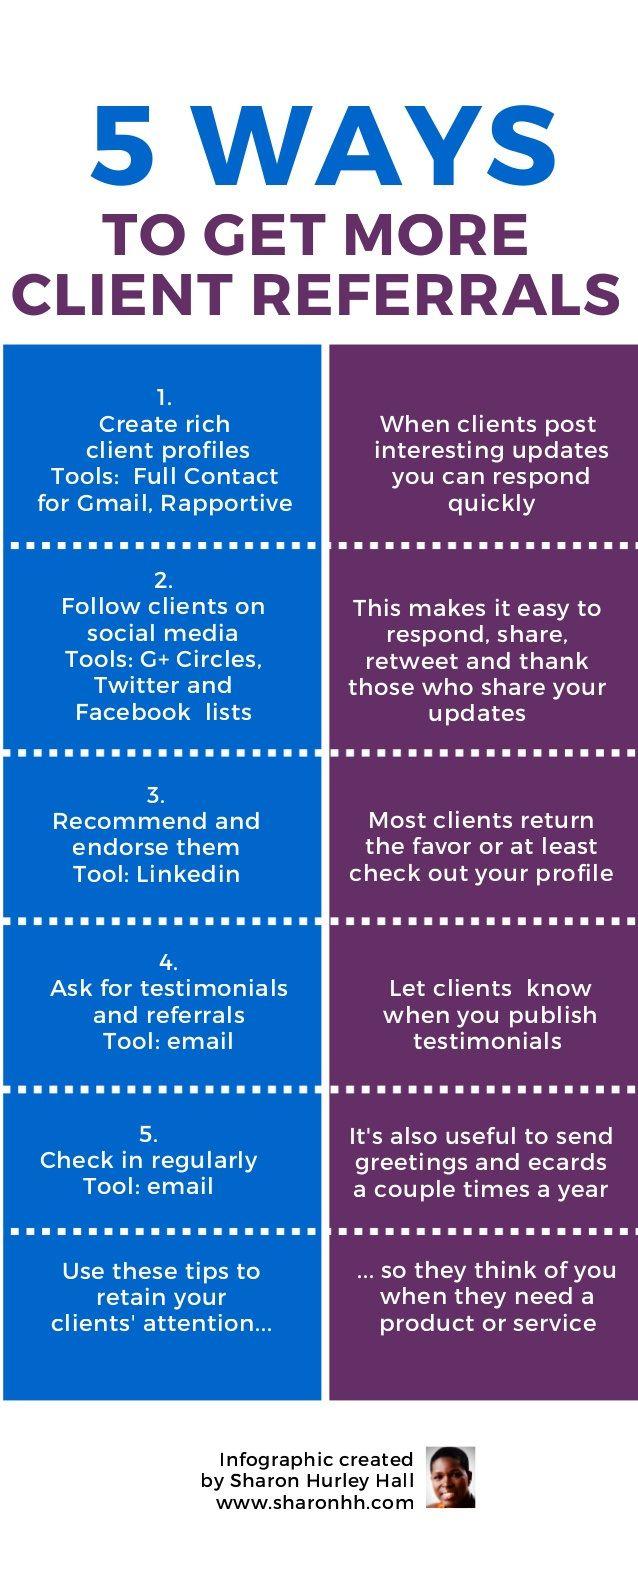 5 Maneras De Conseguir Mas Referencias De Clientes Infografia Infographic Marketing Massage Business Massage Marketing Insurance Marketing